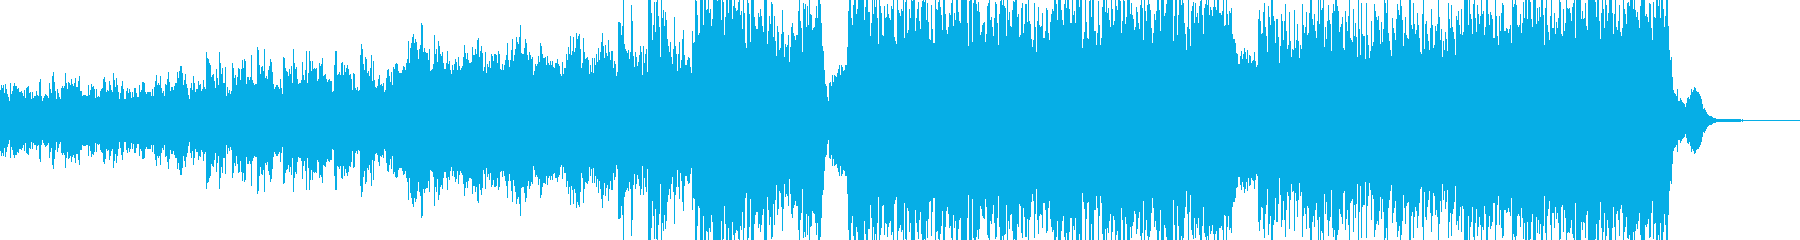 迫力のある映像向オーケストラBGMの再生済みの波形